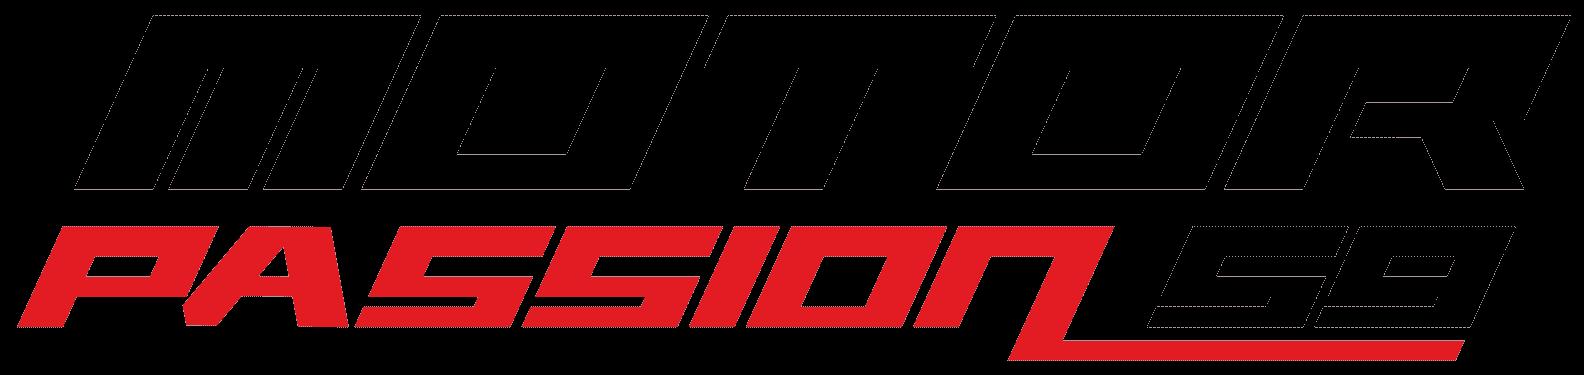 Motor Passion 59